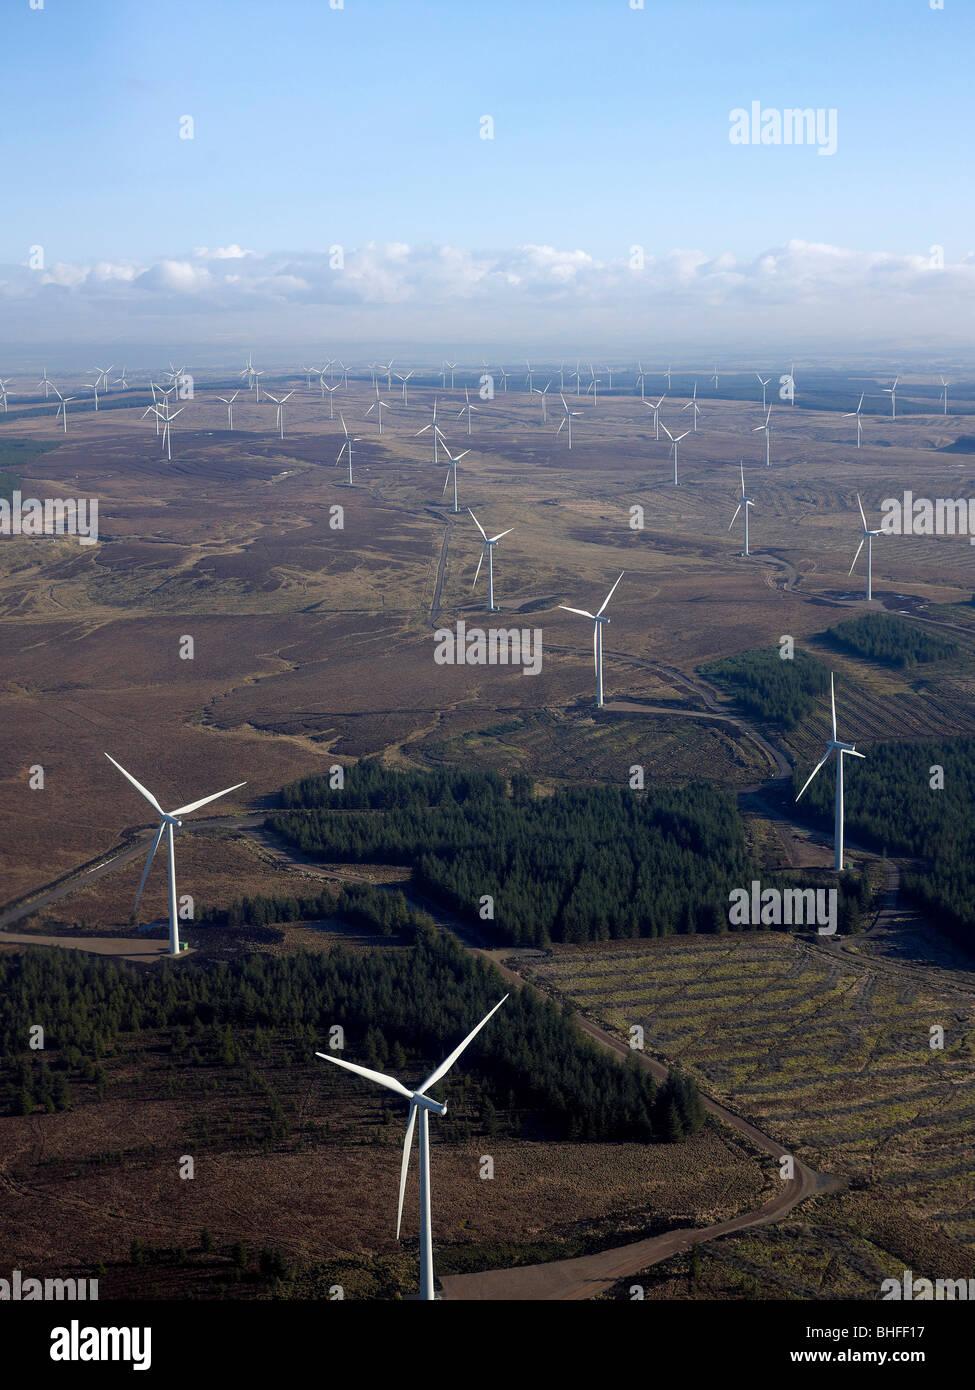 Whitelee Windfarm, südlich von Glasgow auf Eaglesham Moor, Zentralschottland Stockbild